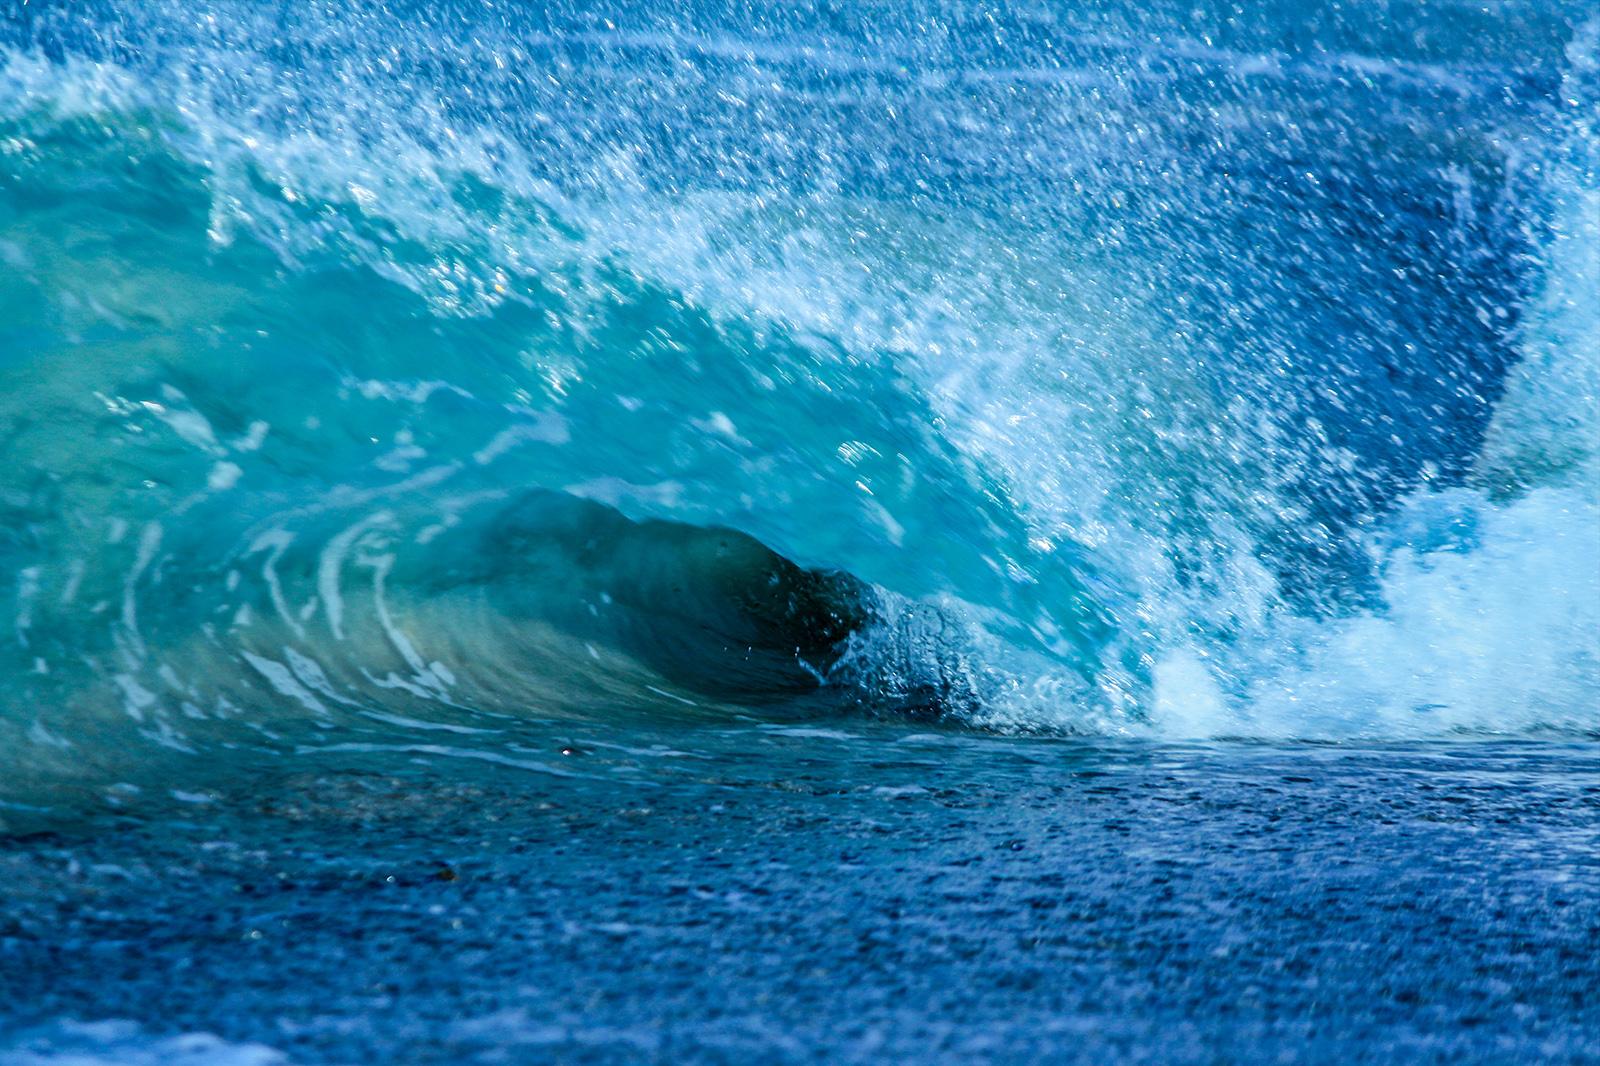 wave 1 w